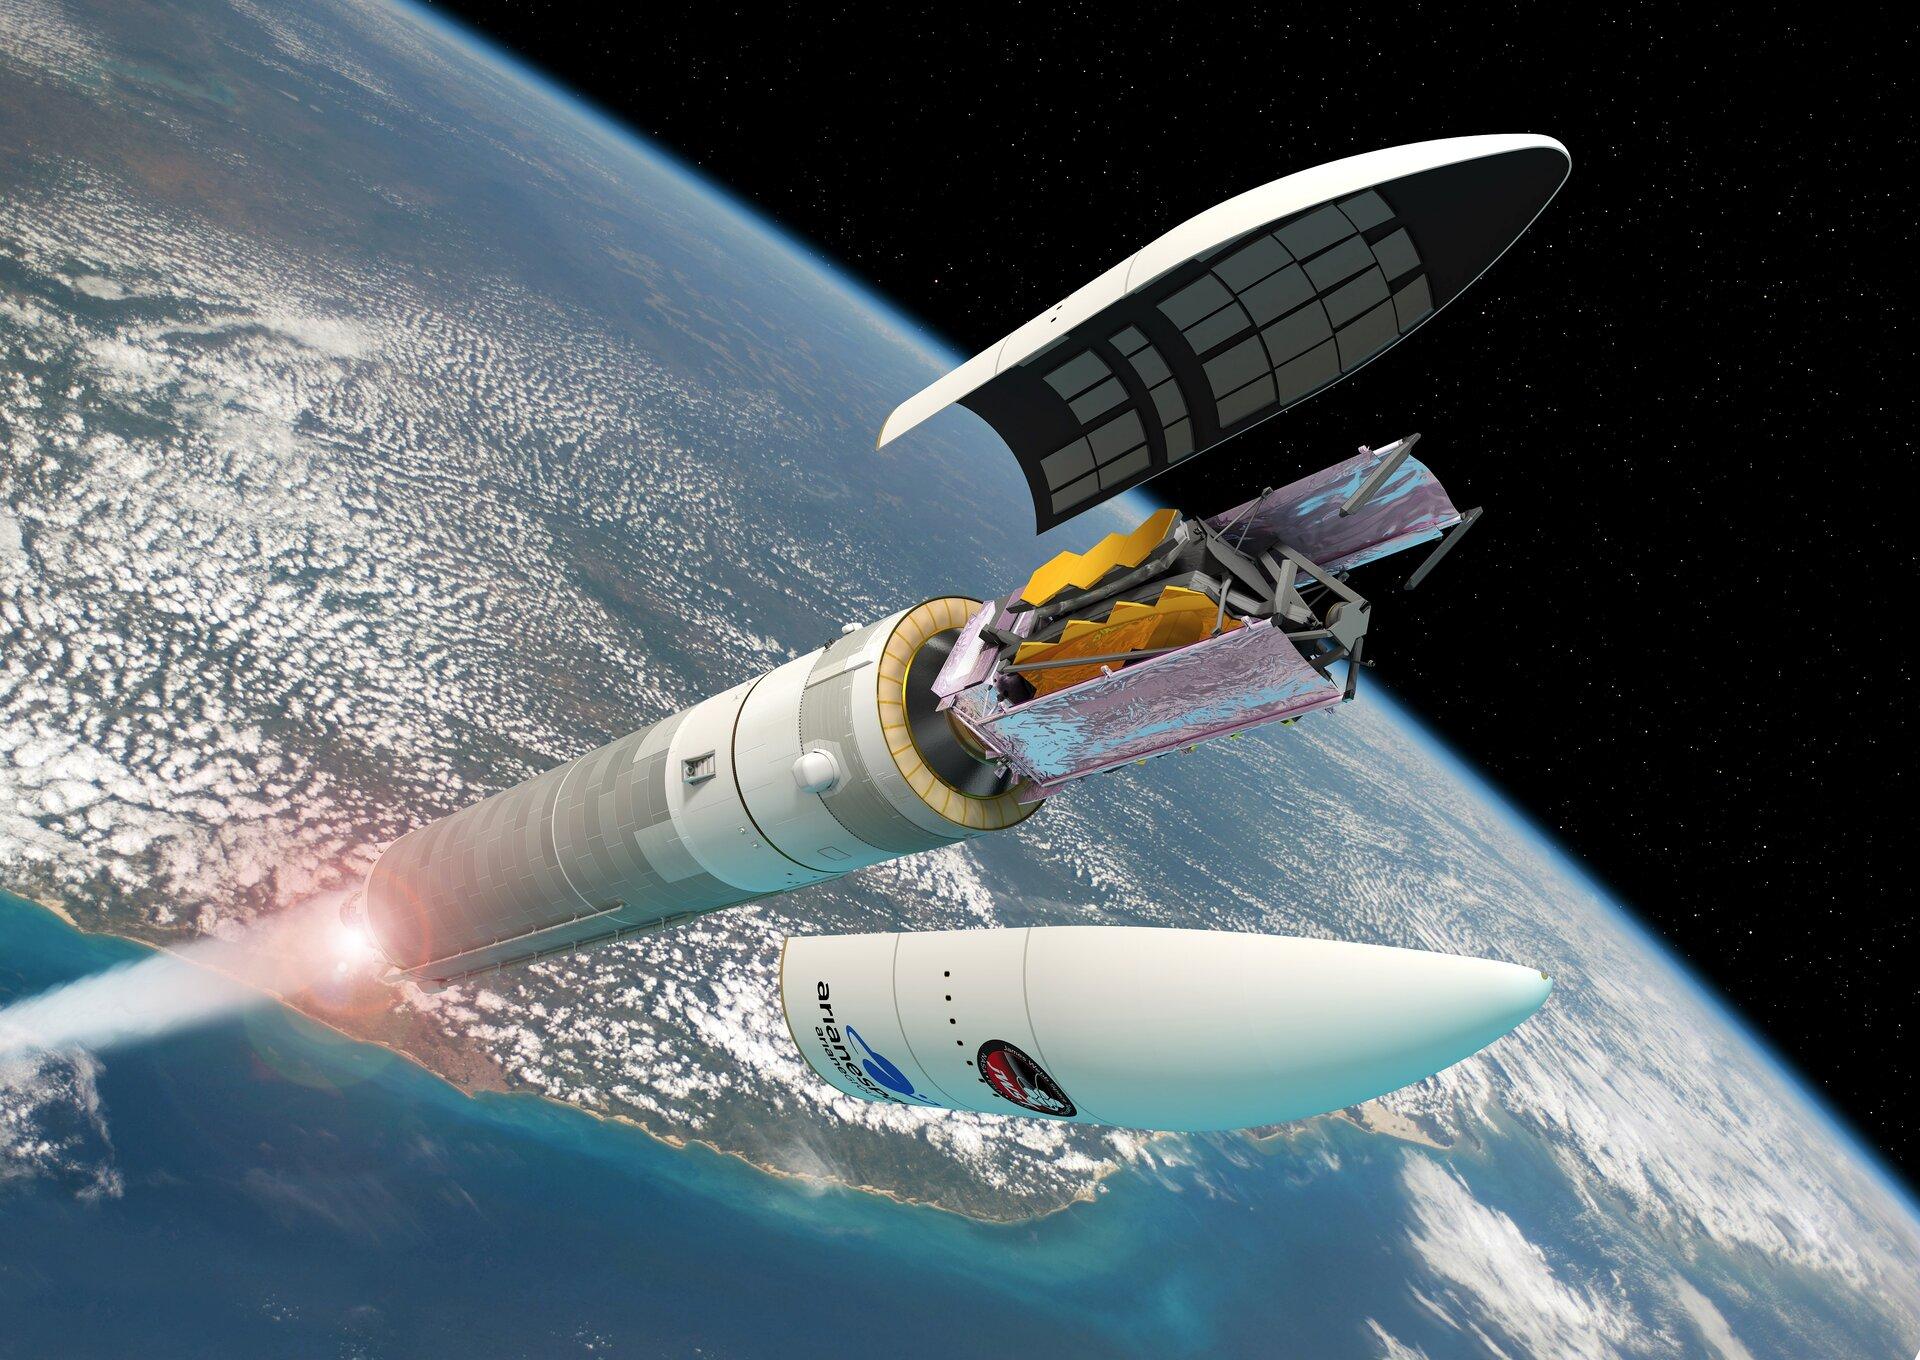 Vue d'artiste du télescope spatial James Webb sur un lanceur Ariane 5